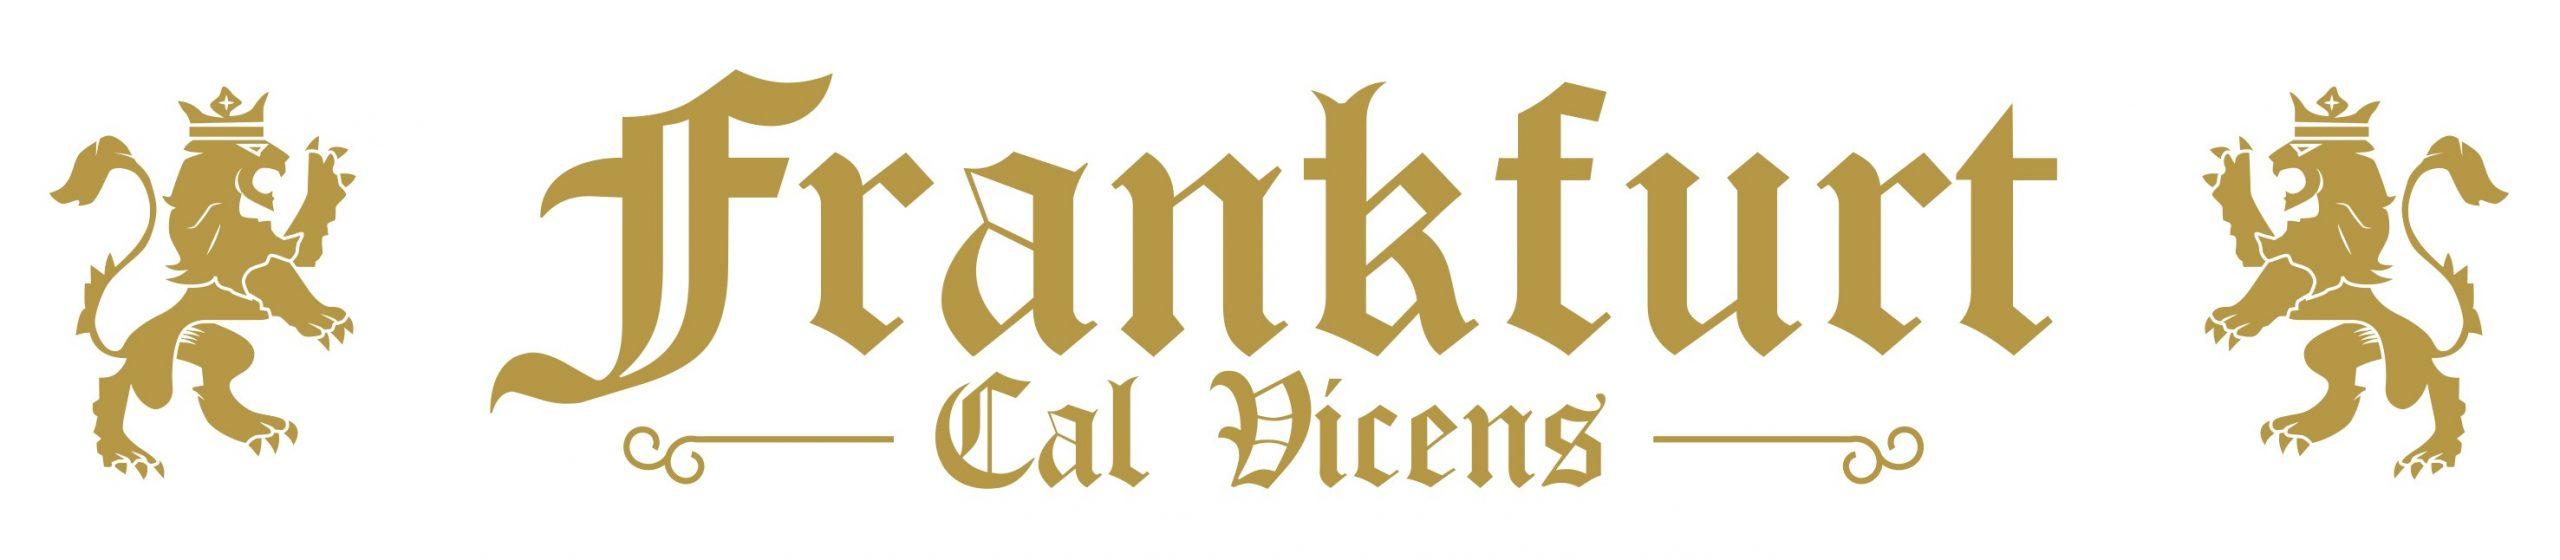 Frankfurt Cal Vicens